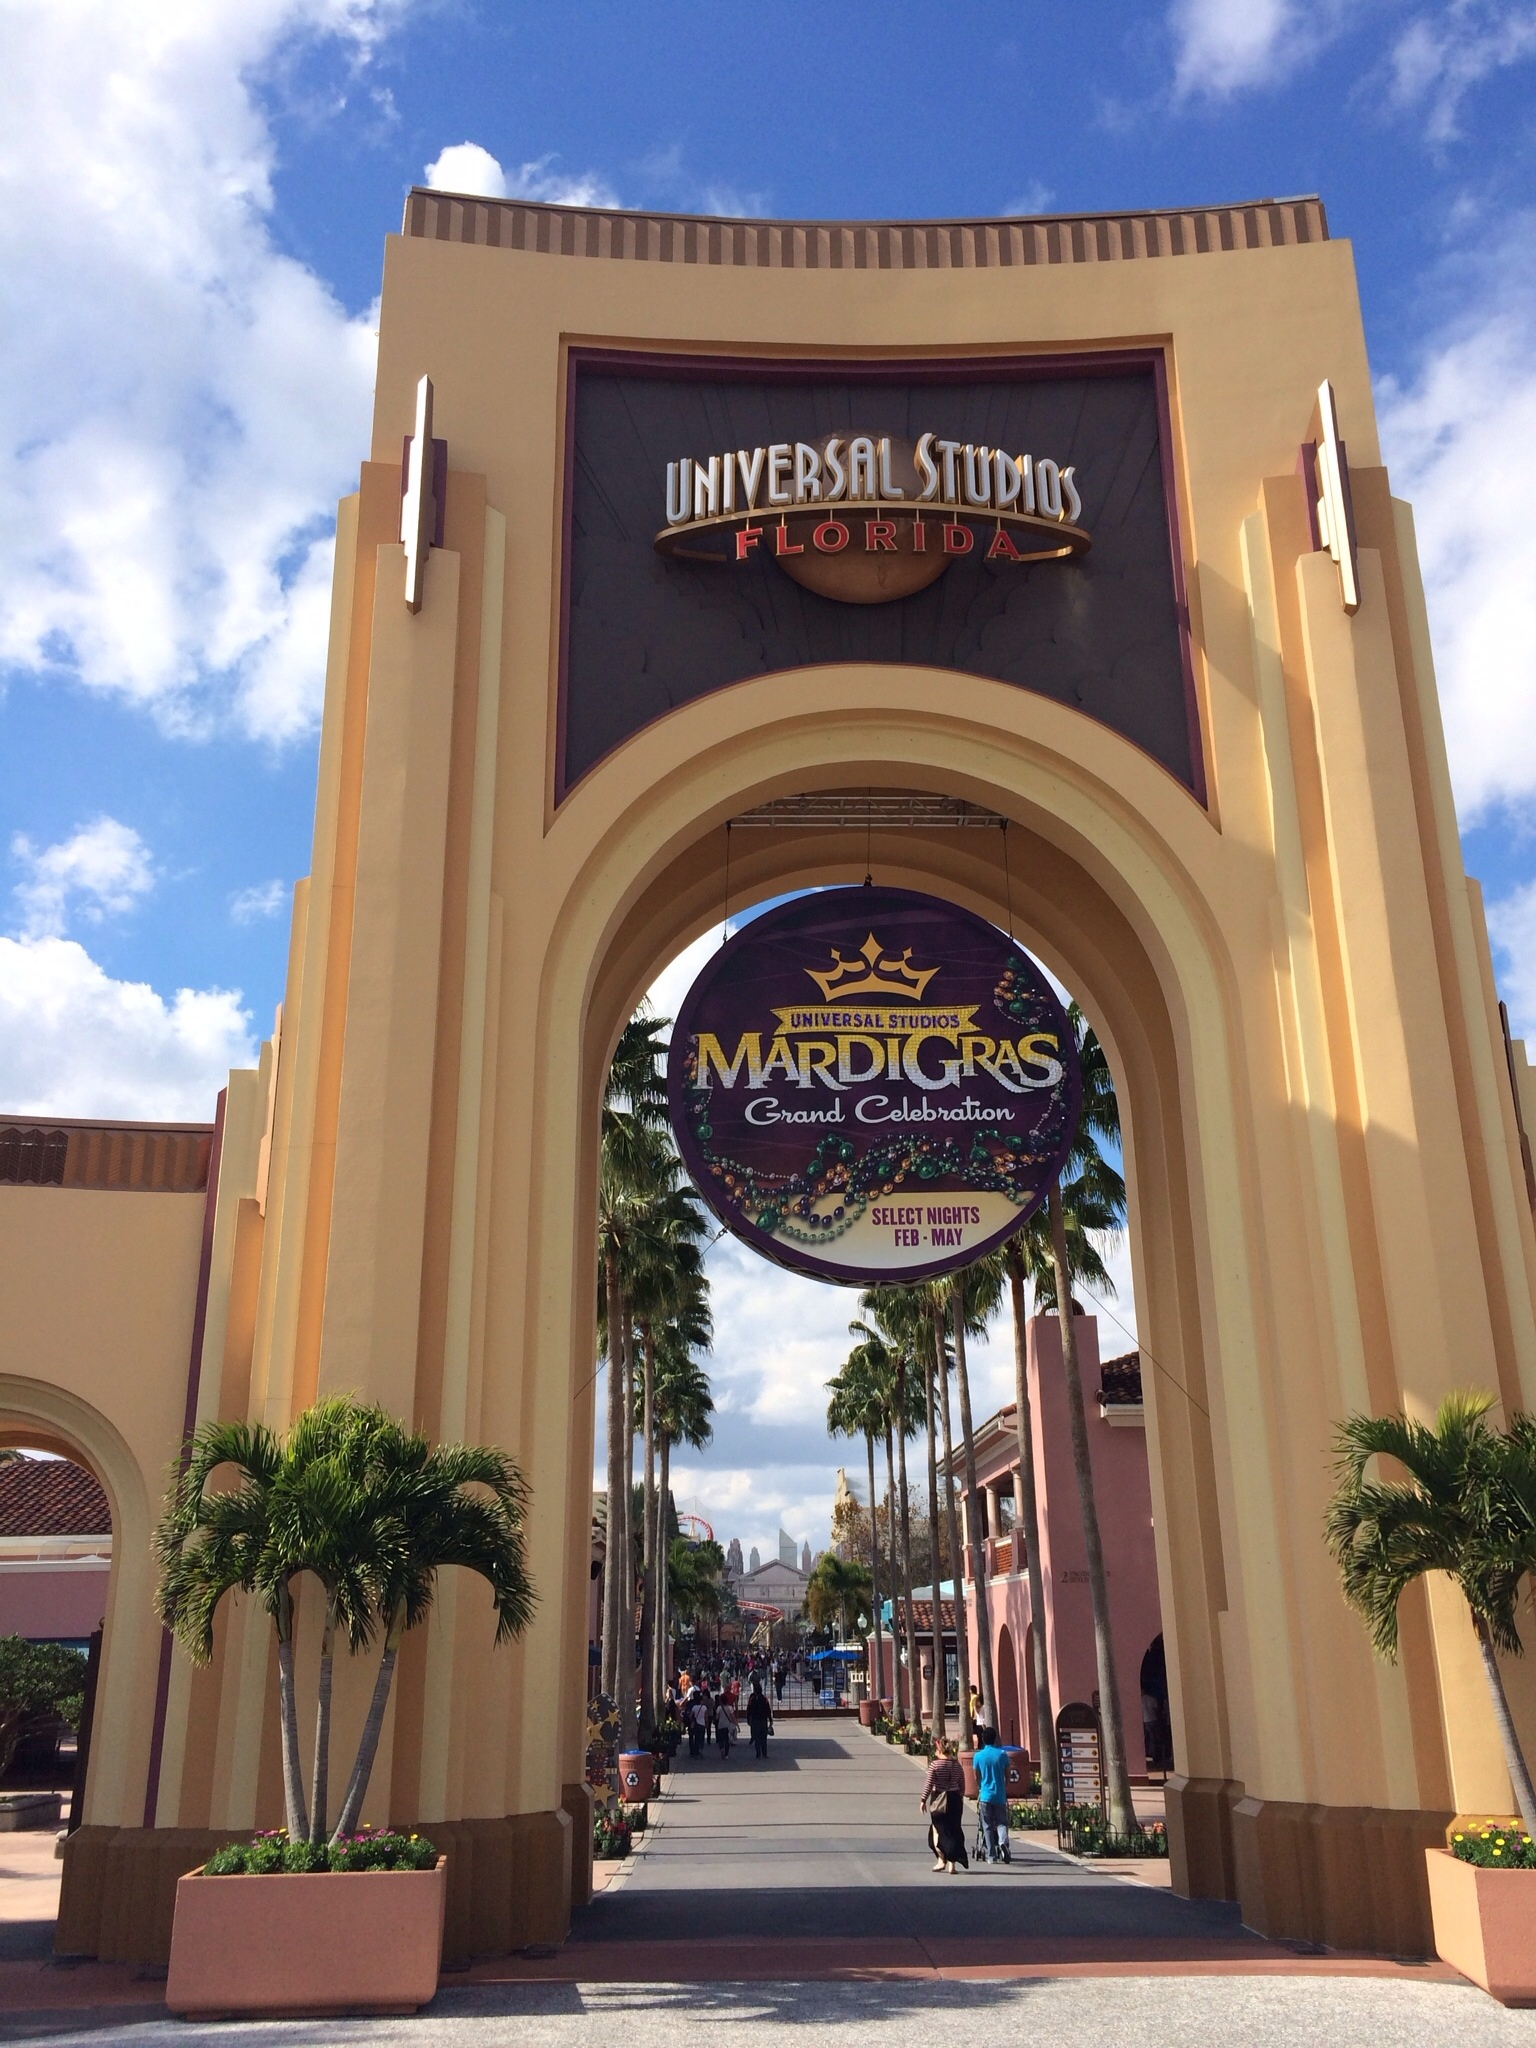 Universal Studios Mardi Gras 2014 guide